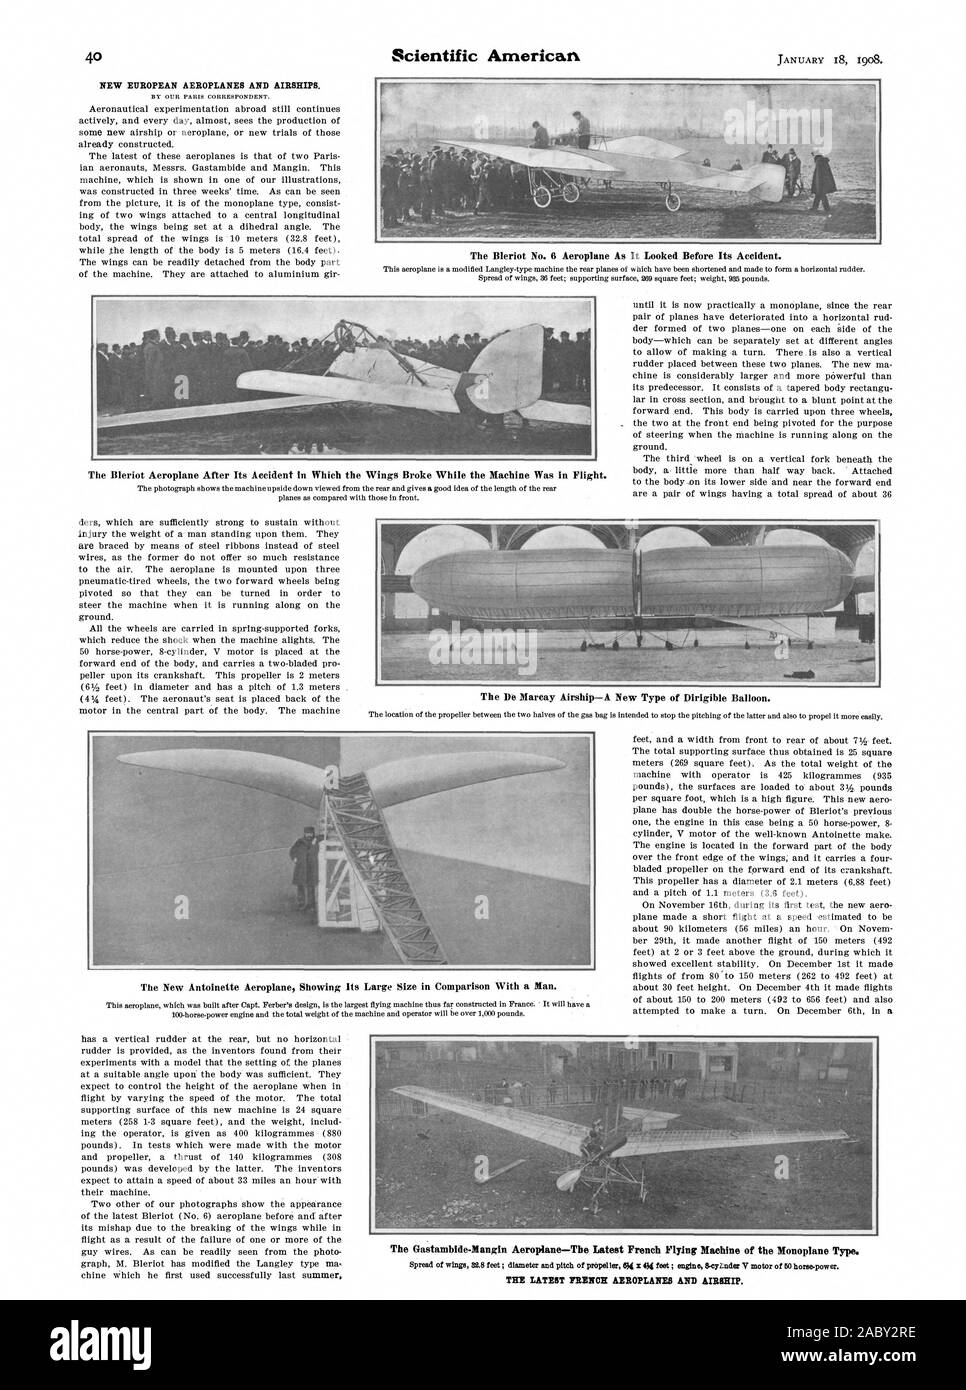 Il Bleriot n. 6 aereo come appariva prima dell'incidente. Il Bleriot aereo dopo il suo incidente in cui le alette si è rotto mentre la macchina era in volo. L'essere Marcay dirigibile-un nuovo tipo di Pallone dirigibile. Il nuovo aereo Antonietta che mostra le sue grandi dimensioni in confronto con un uomo. Il velivolo Gastambide-Mangin-Tbe francese più recente macchina volante del tipo monoplano. Il più recente degli aerei Francesi e dirigibile., Scientific American, 1908-01-18 Foto Stock